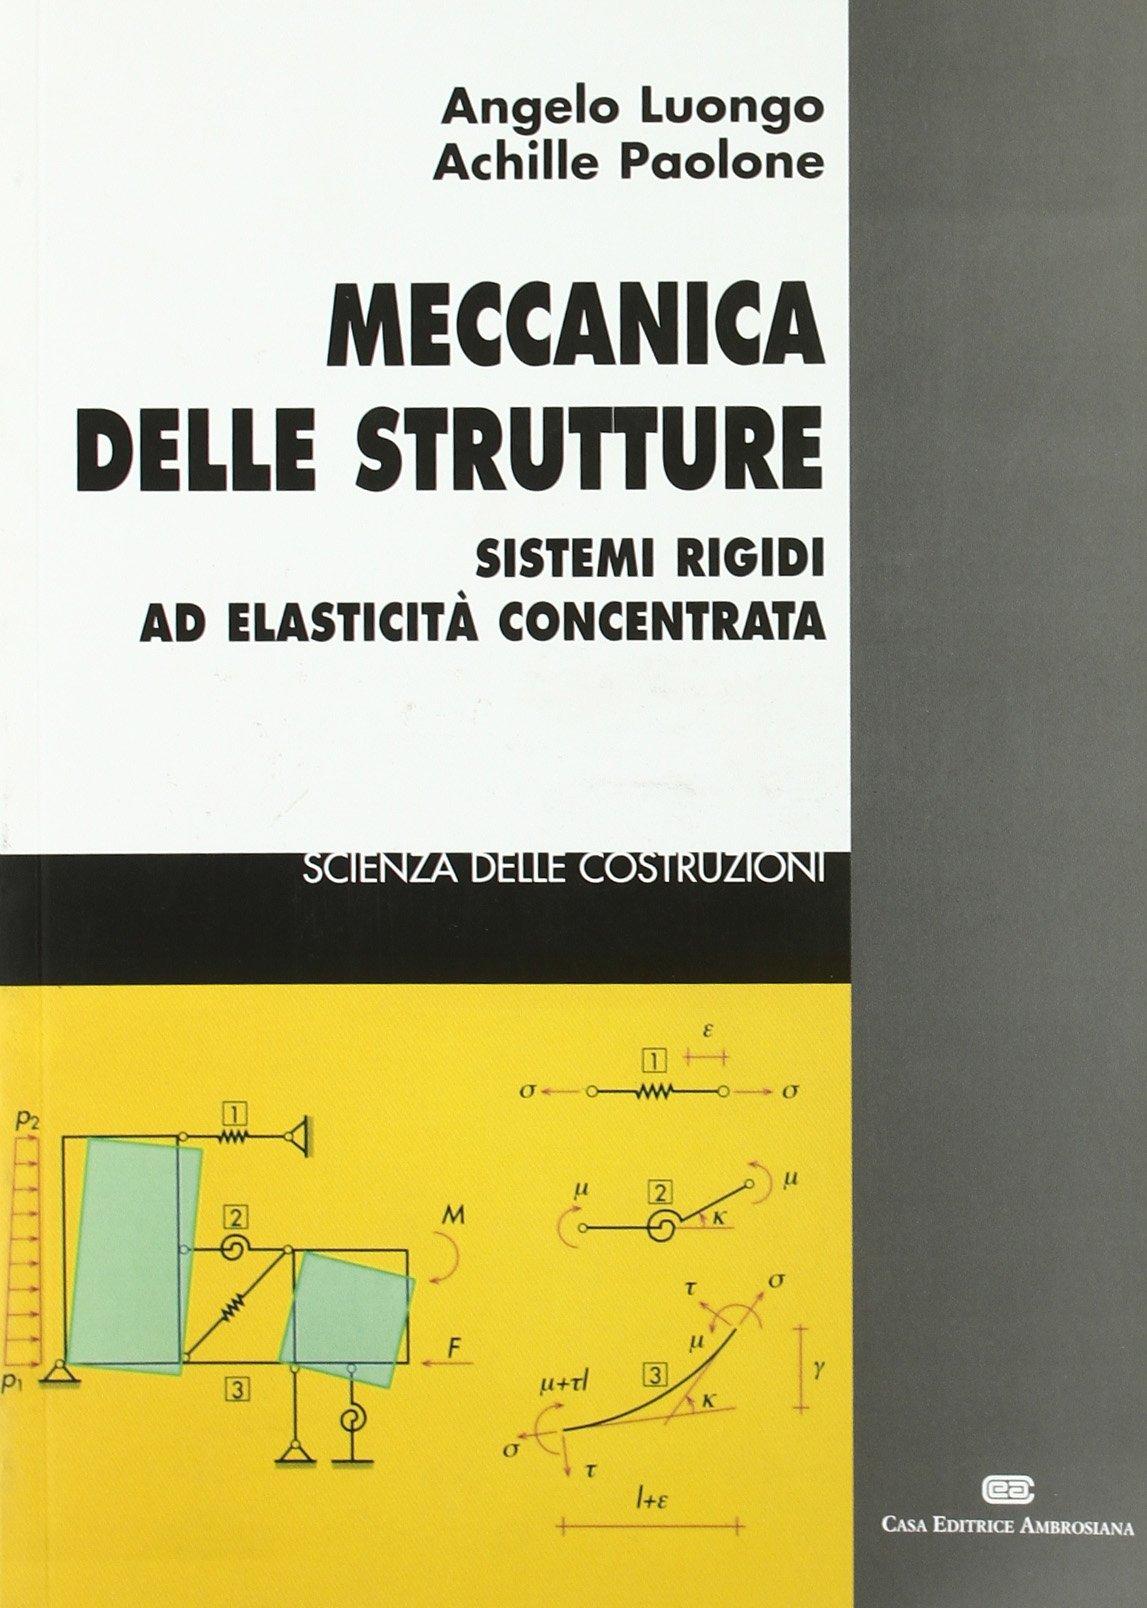 Meccanica Delle Strutture Sistemi Rigidi Ad Elasticità Concentrata 9788808083173 Amazon Com Books